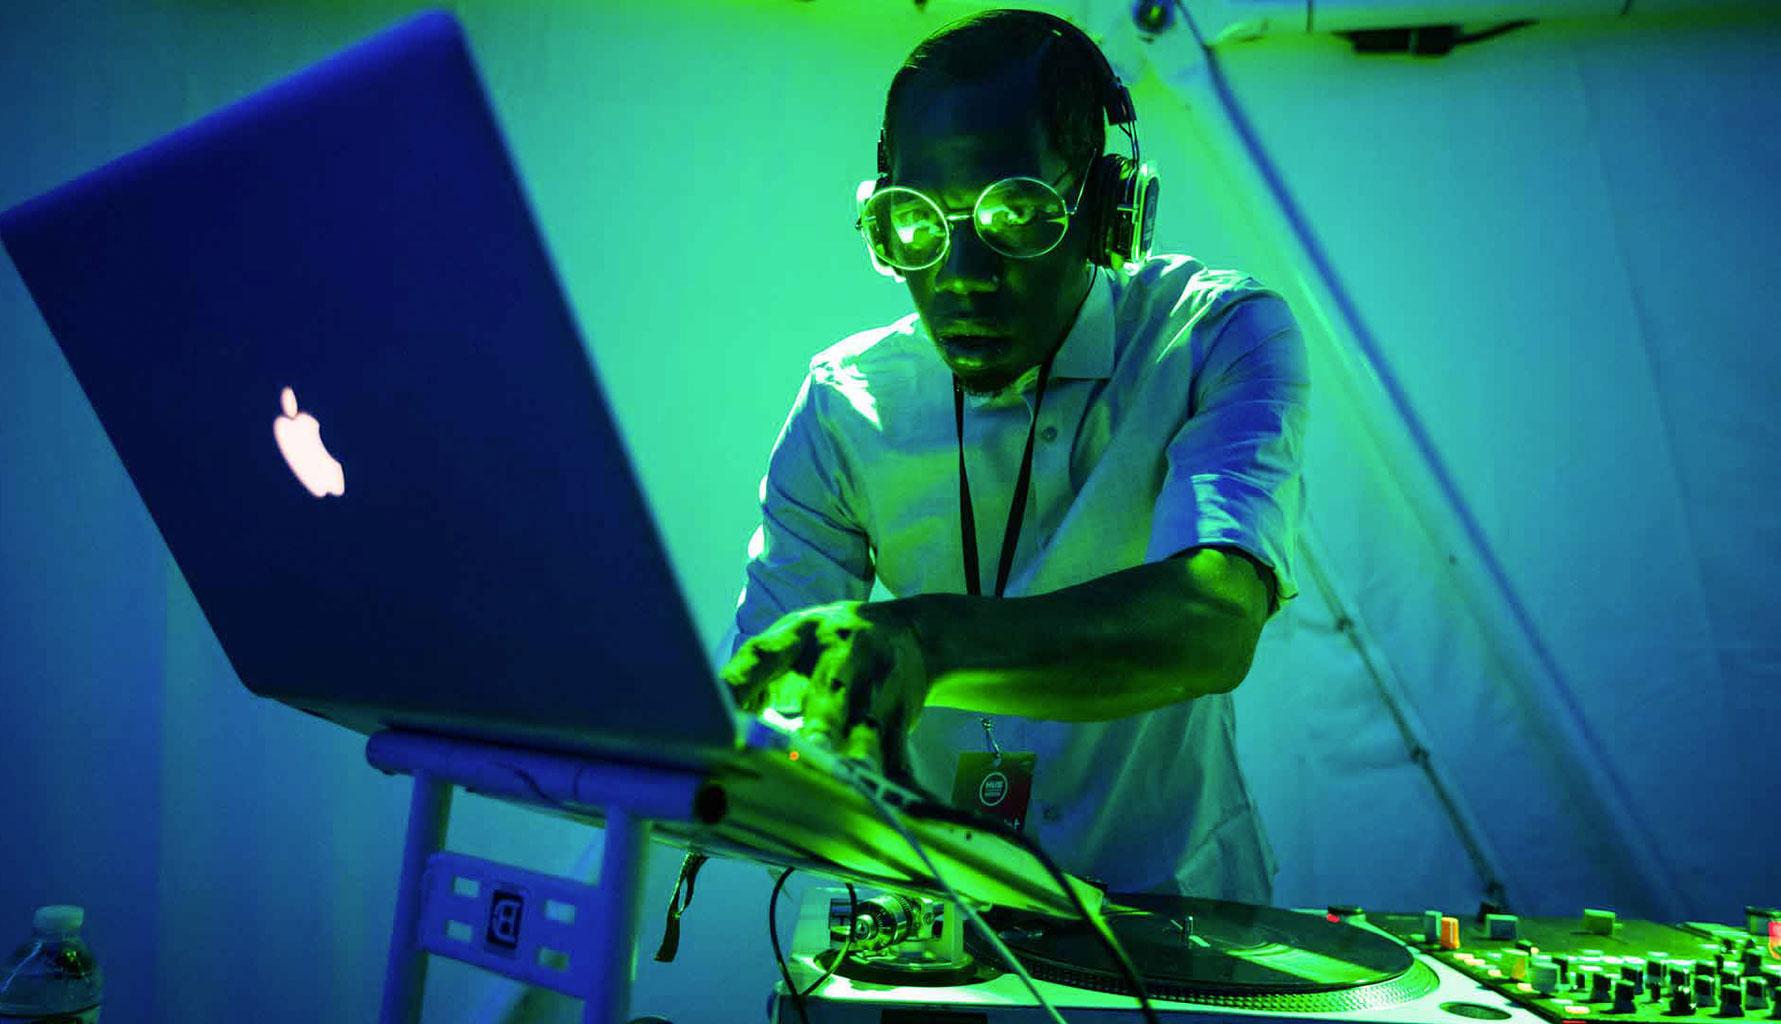 Man DJing